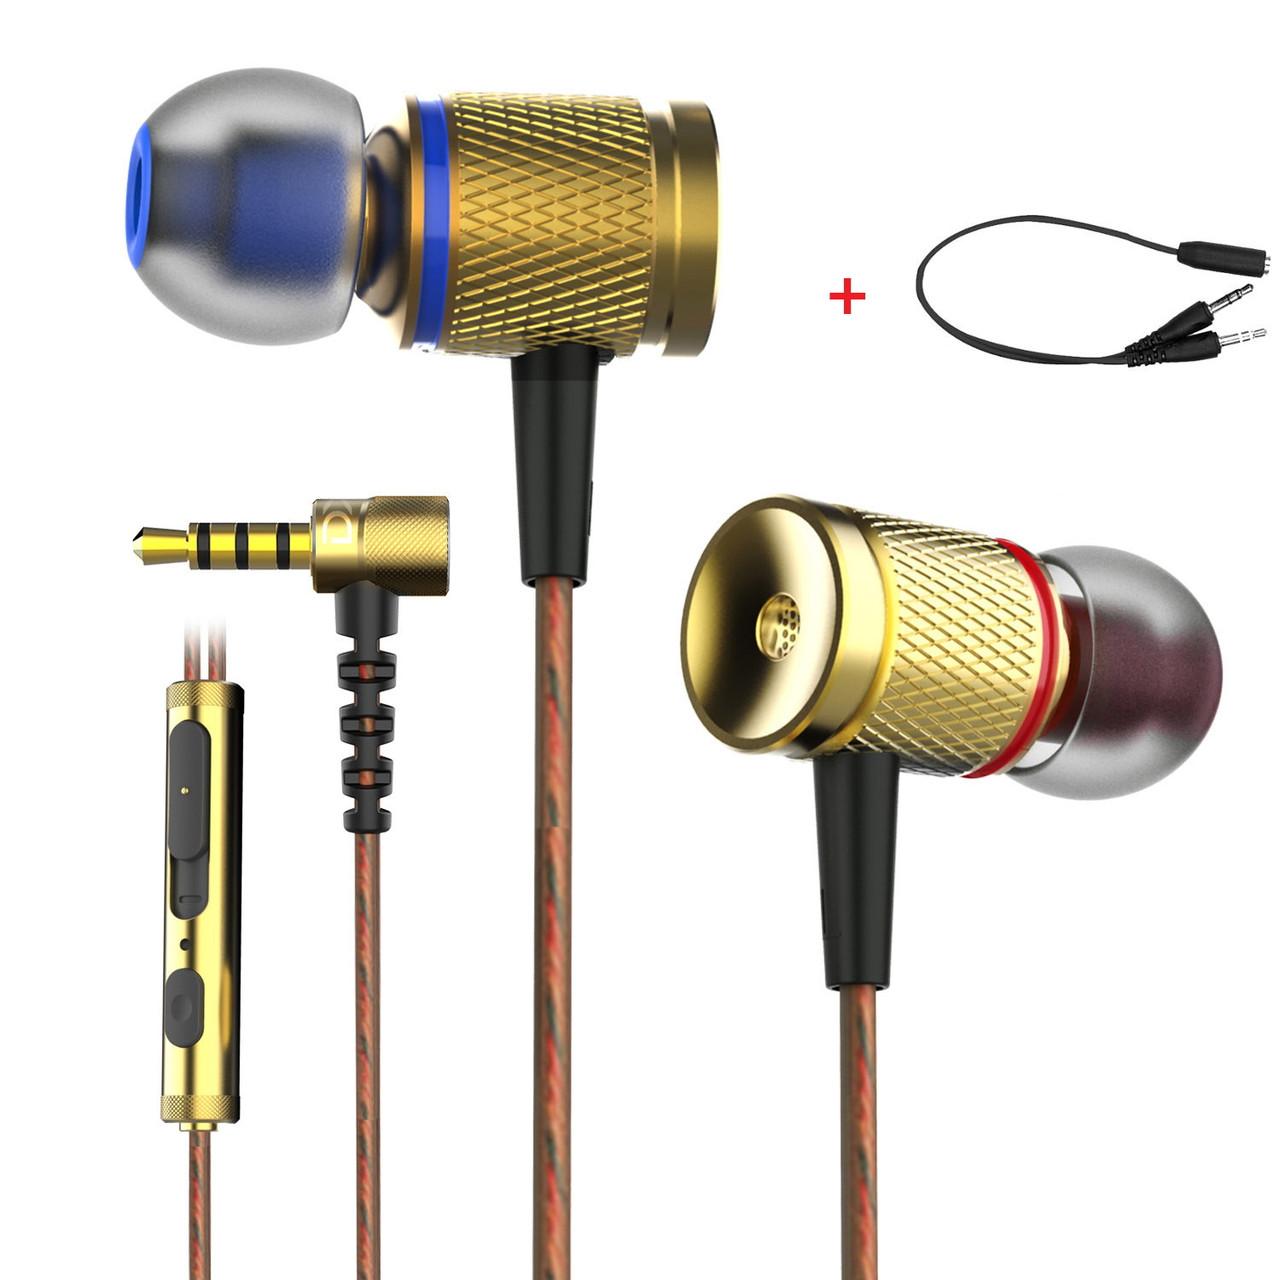 Проводные динамические стерео наушники игровая гарнитура с микрофоном  Plextone Bass Head DX2 Gold + аудио